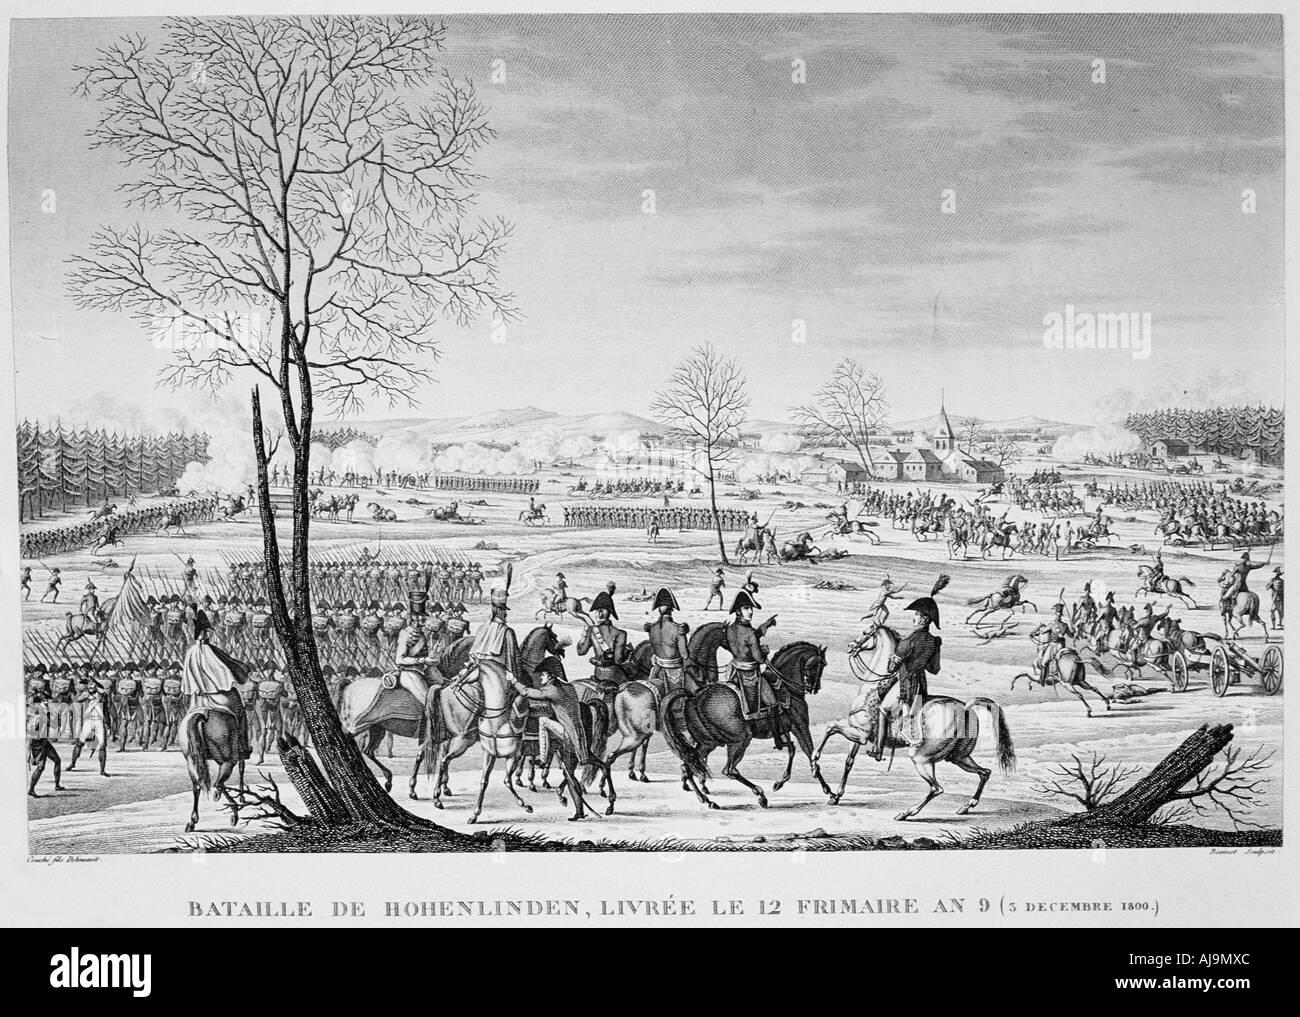 'Battle of Hohenlinden', 3 December, 1800. Artist: Anon - Stock Image